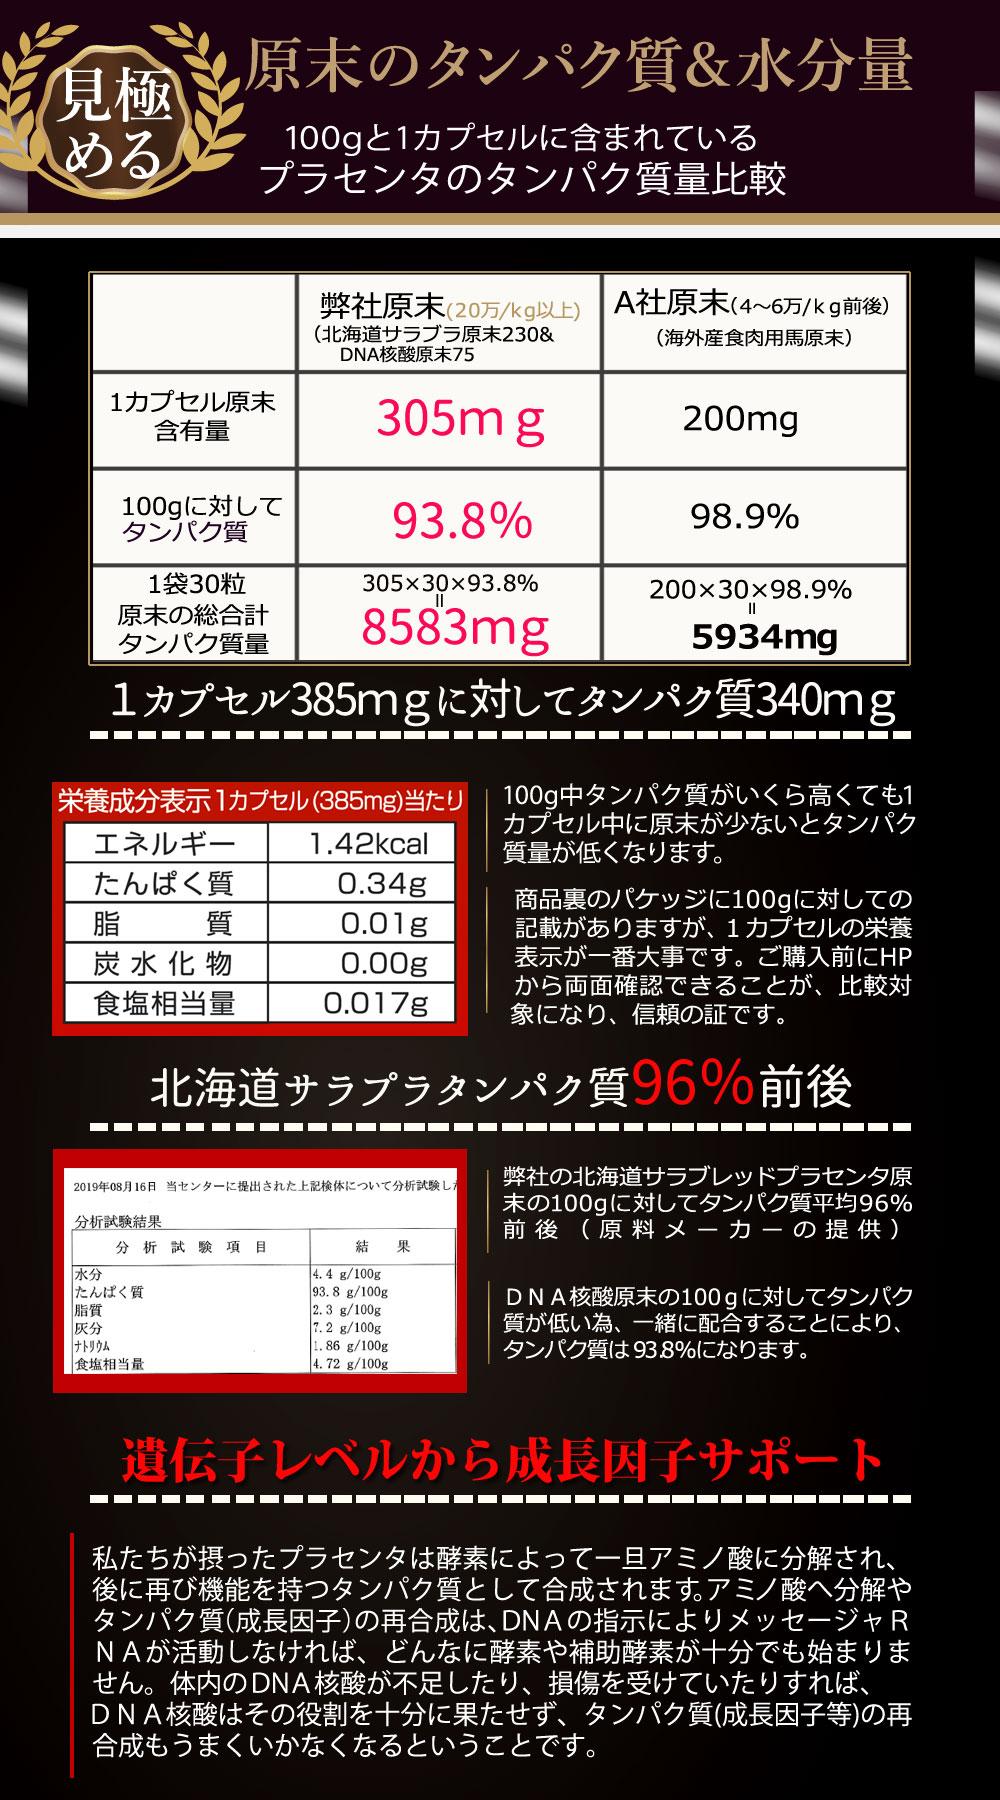 超低分子北海道サラブレッドプラセンタ原末230 価格について